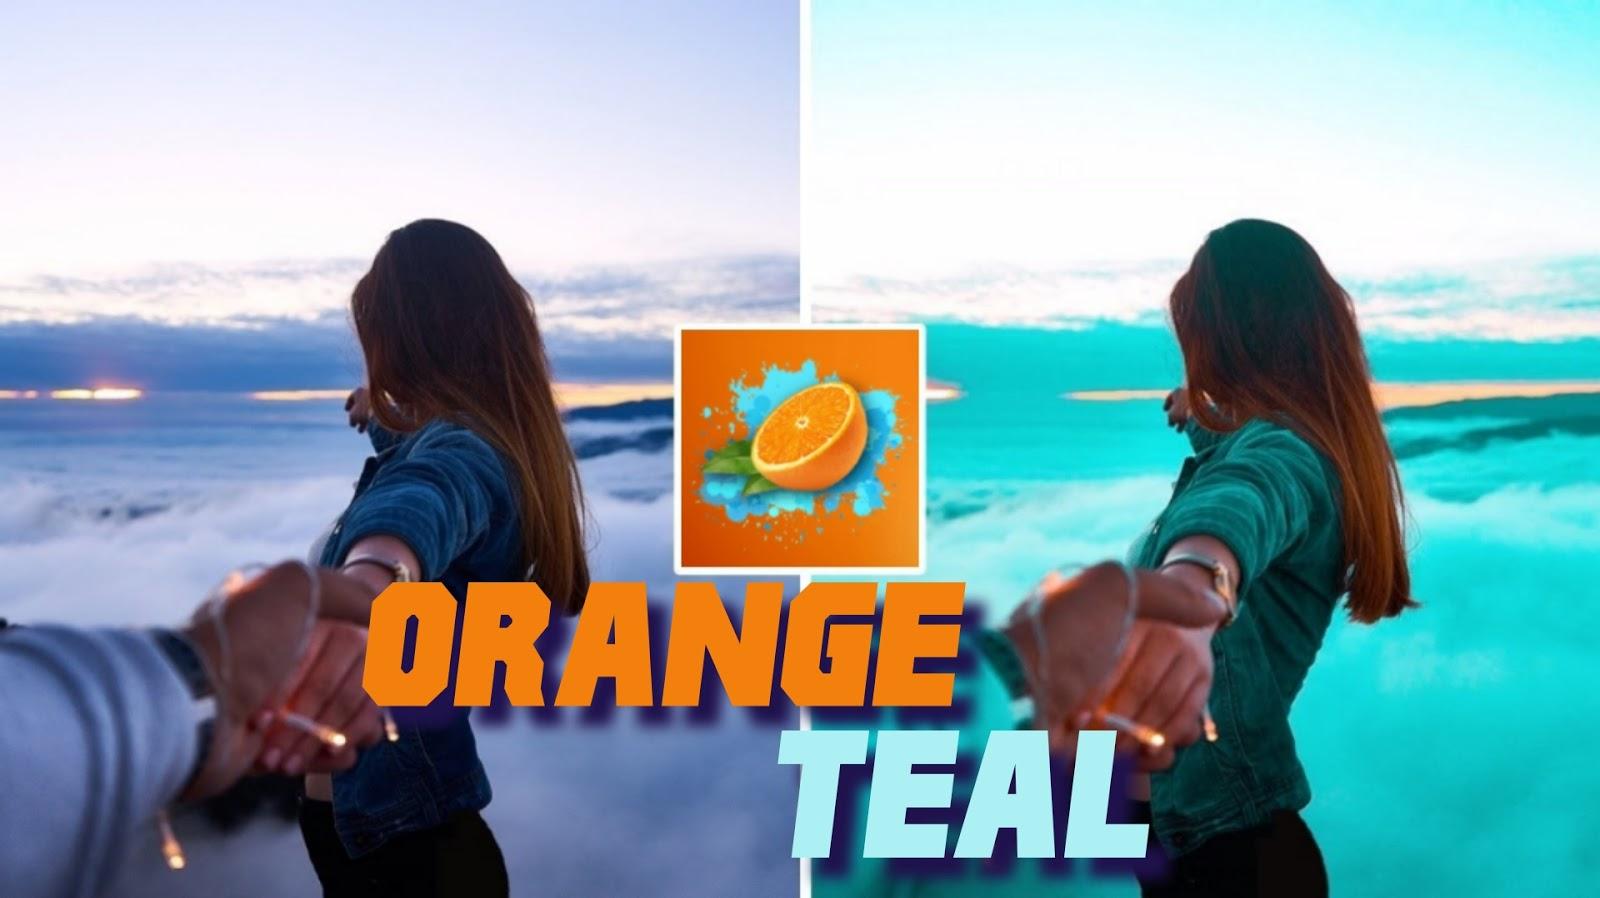 تحميل تطبيق Orange & Teal لعمل تأثير البرتقالي علي الصور